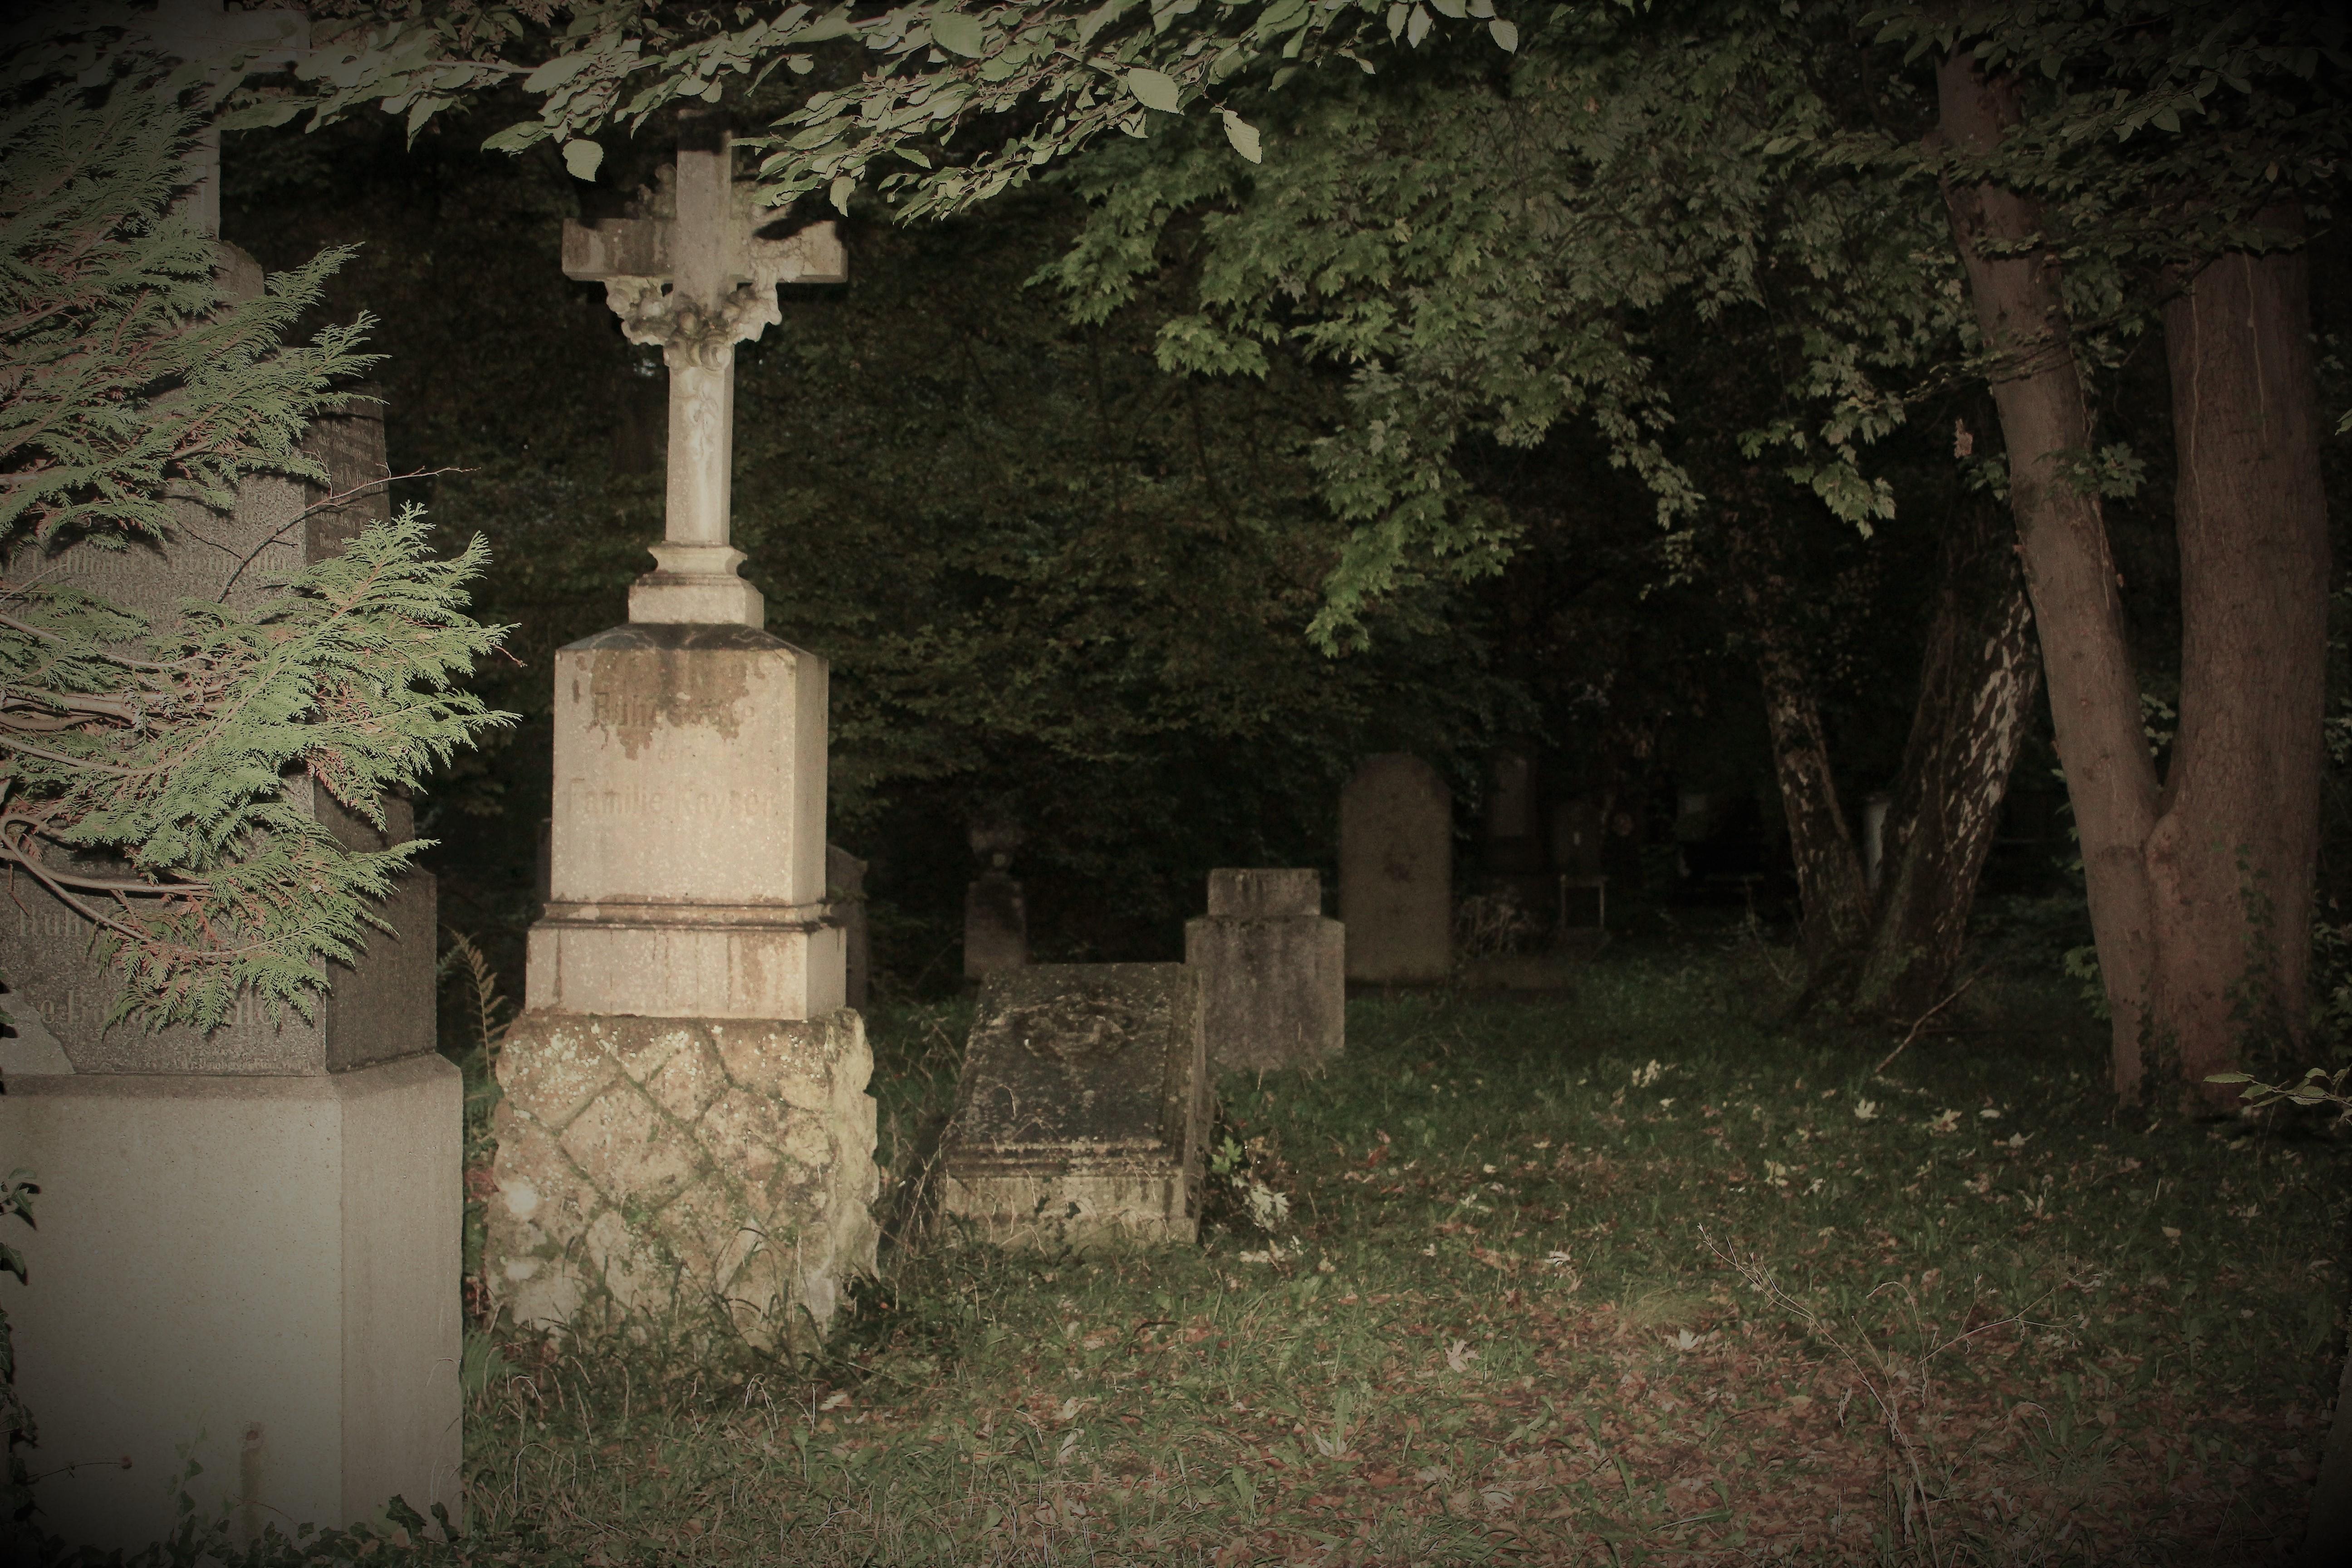 Er umfasst eine Fläche von ca. 10 ha und ist in einen alten und einen neuen Teil gegliedert, der sich durch die Ausrichtung der Grabreihen unterscheidet.